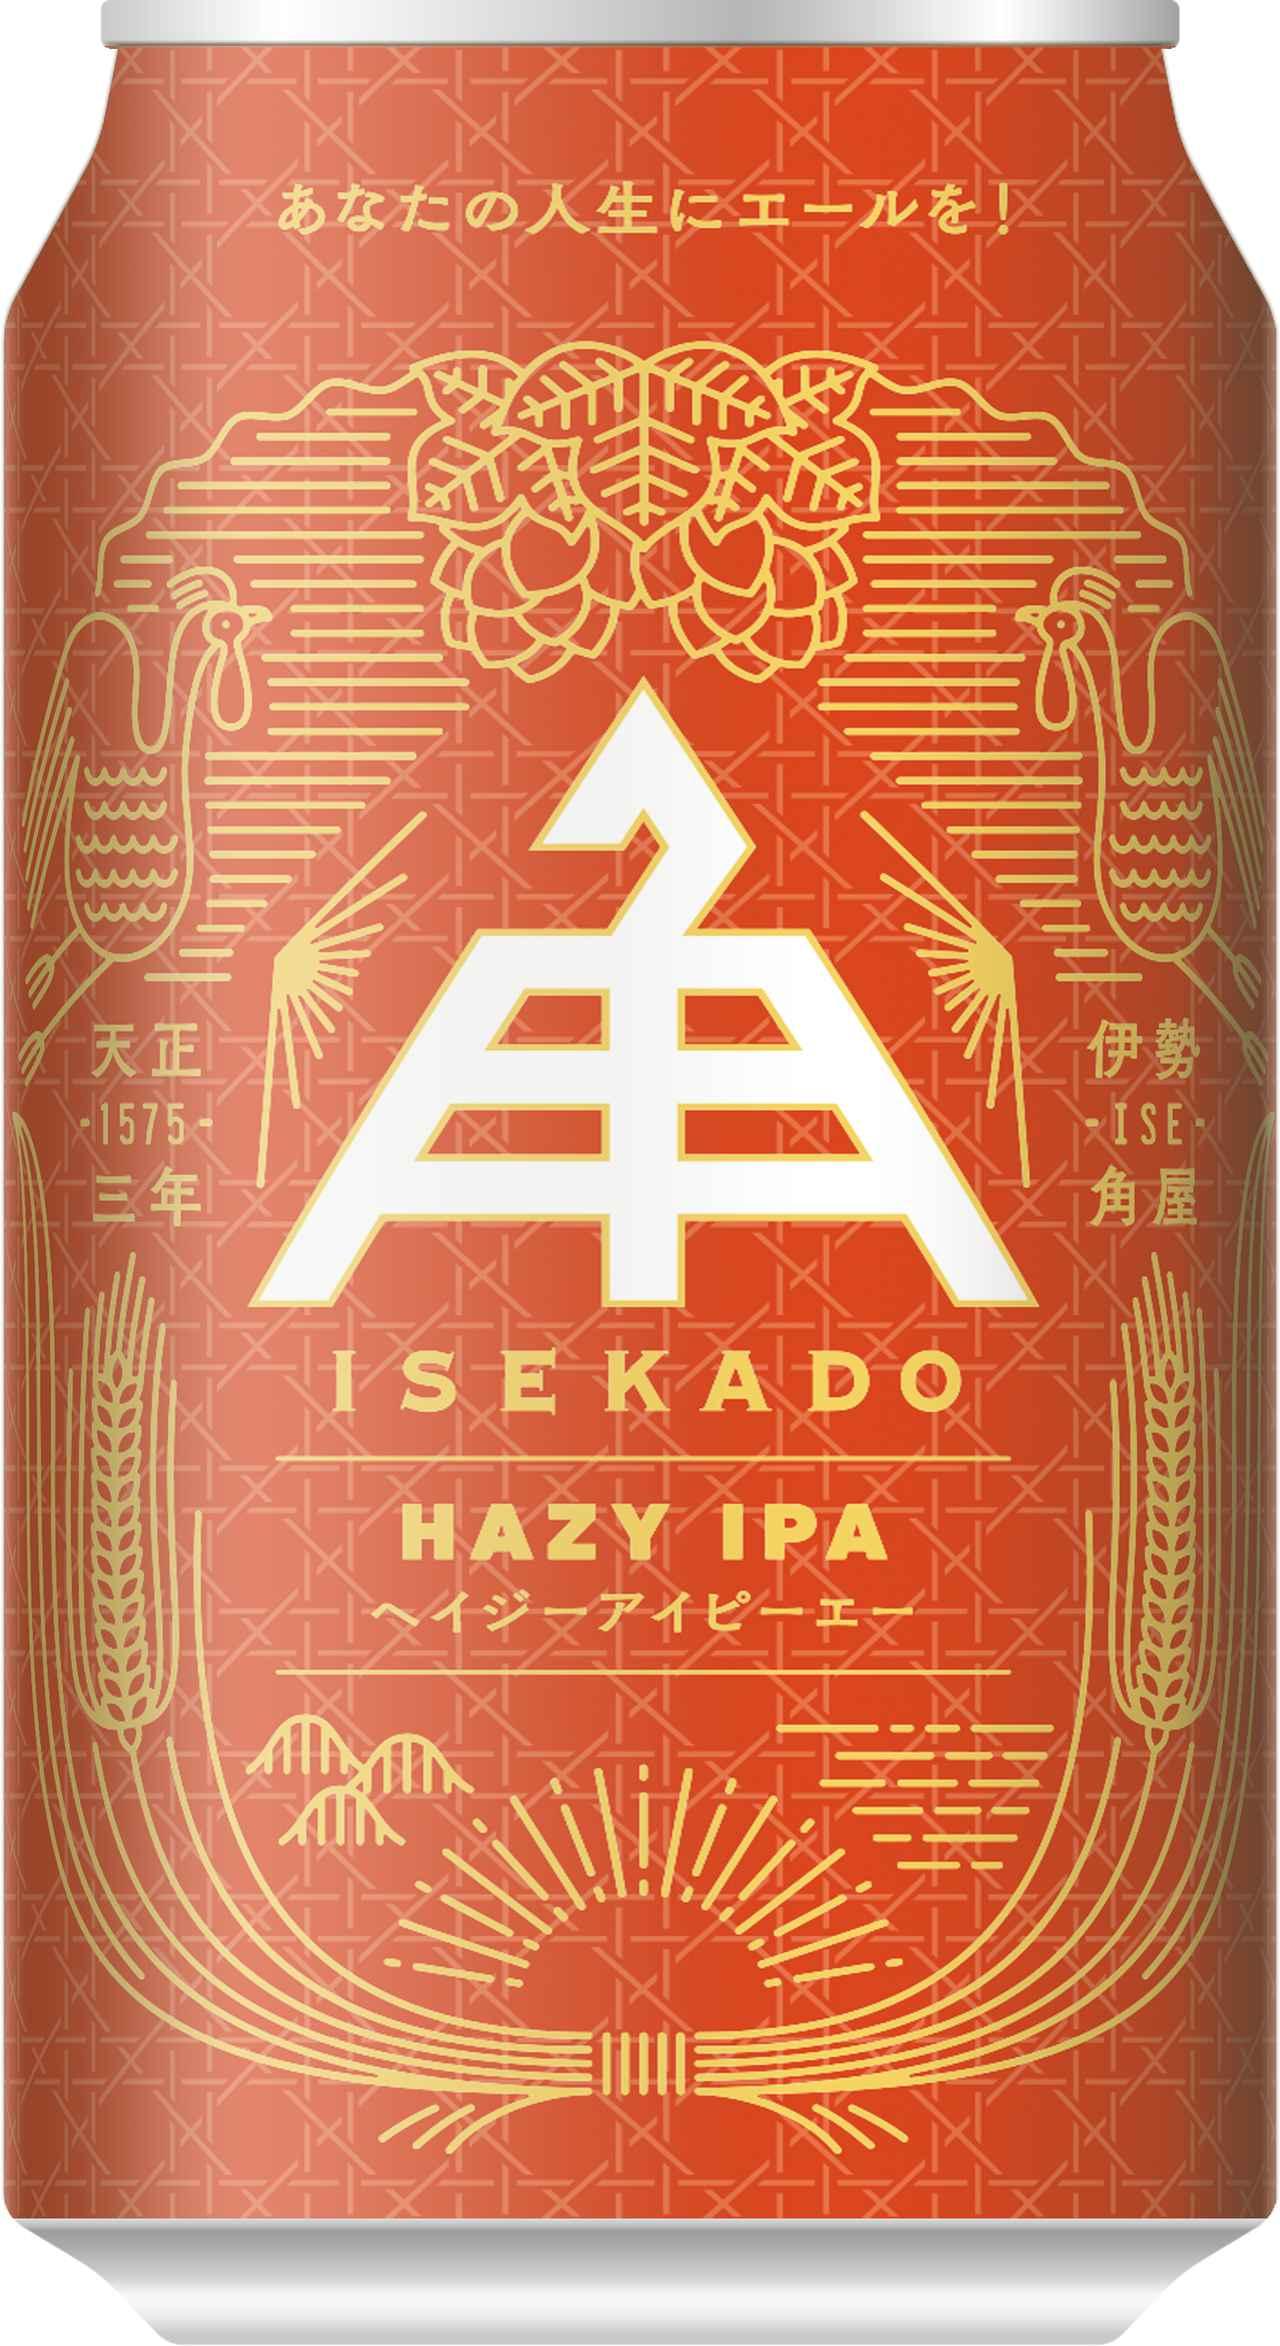 画像: アルコール度数:6.5% IBU:50 メーカー直販価格:517円(税別)